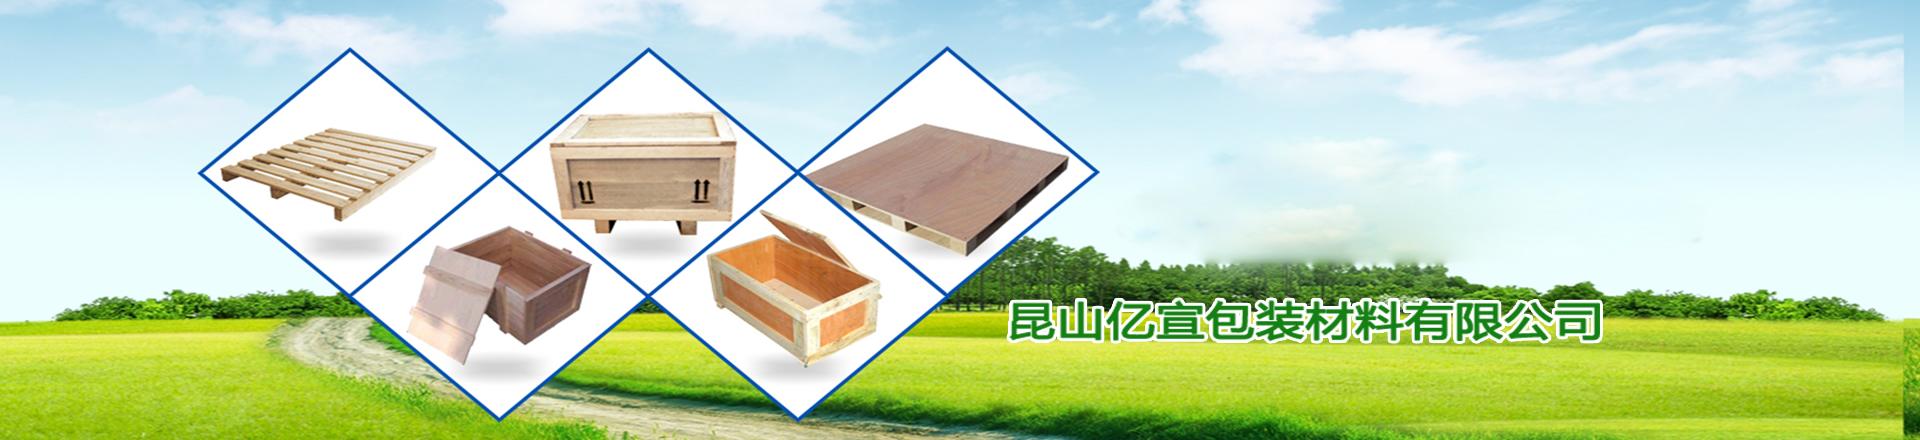 昆山木栈板